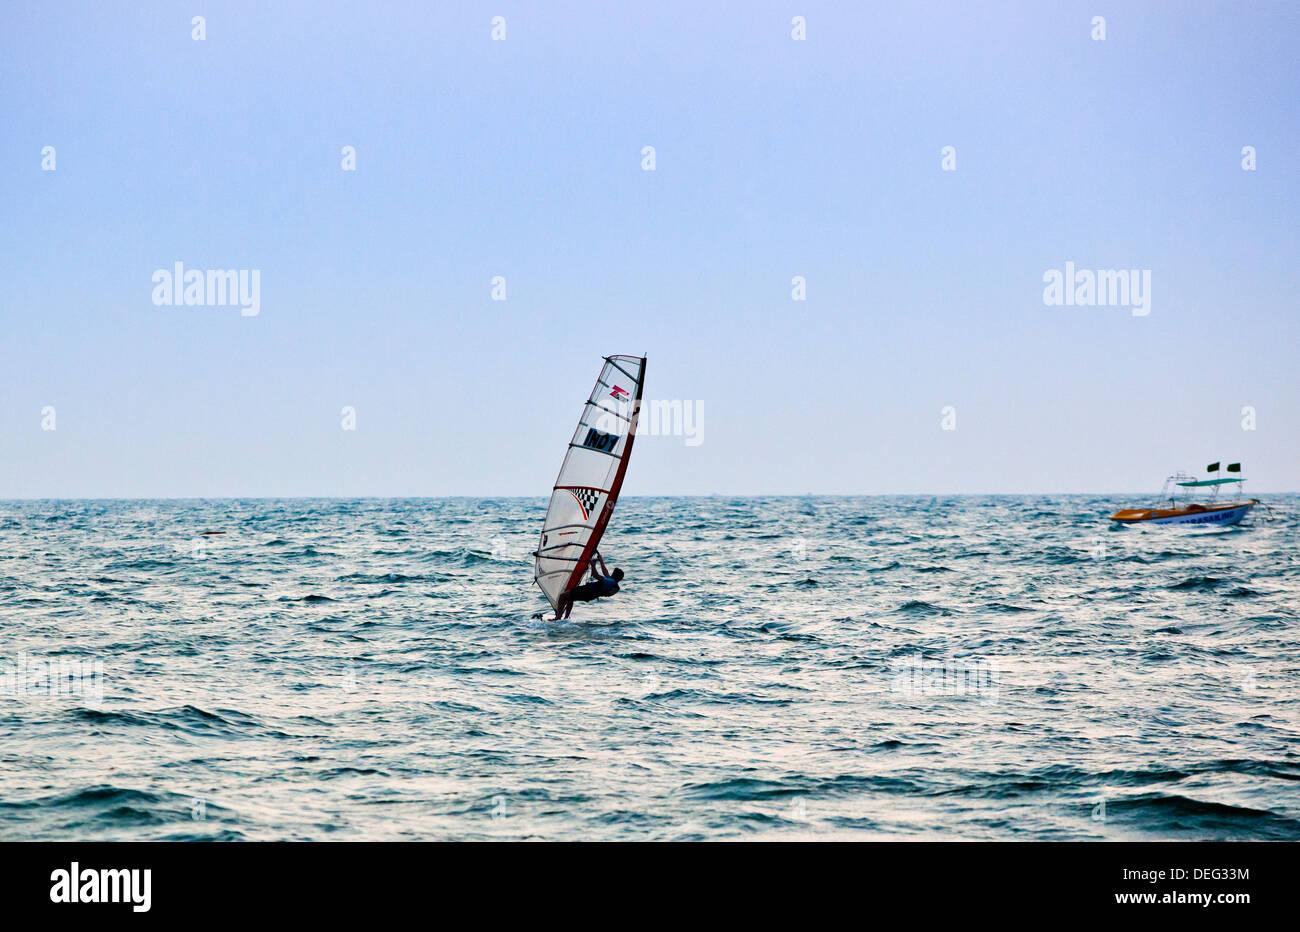 Persona wind surf en el mar, Calangute Bardez Candolim,,, en el norte de Goa, Goa, India Imagen De Stock